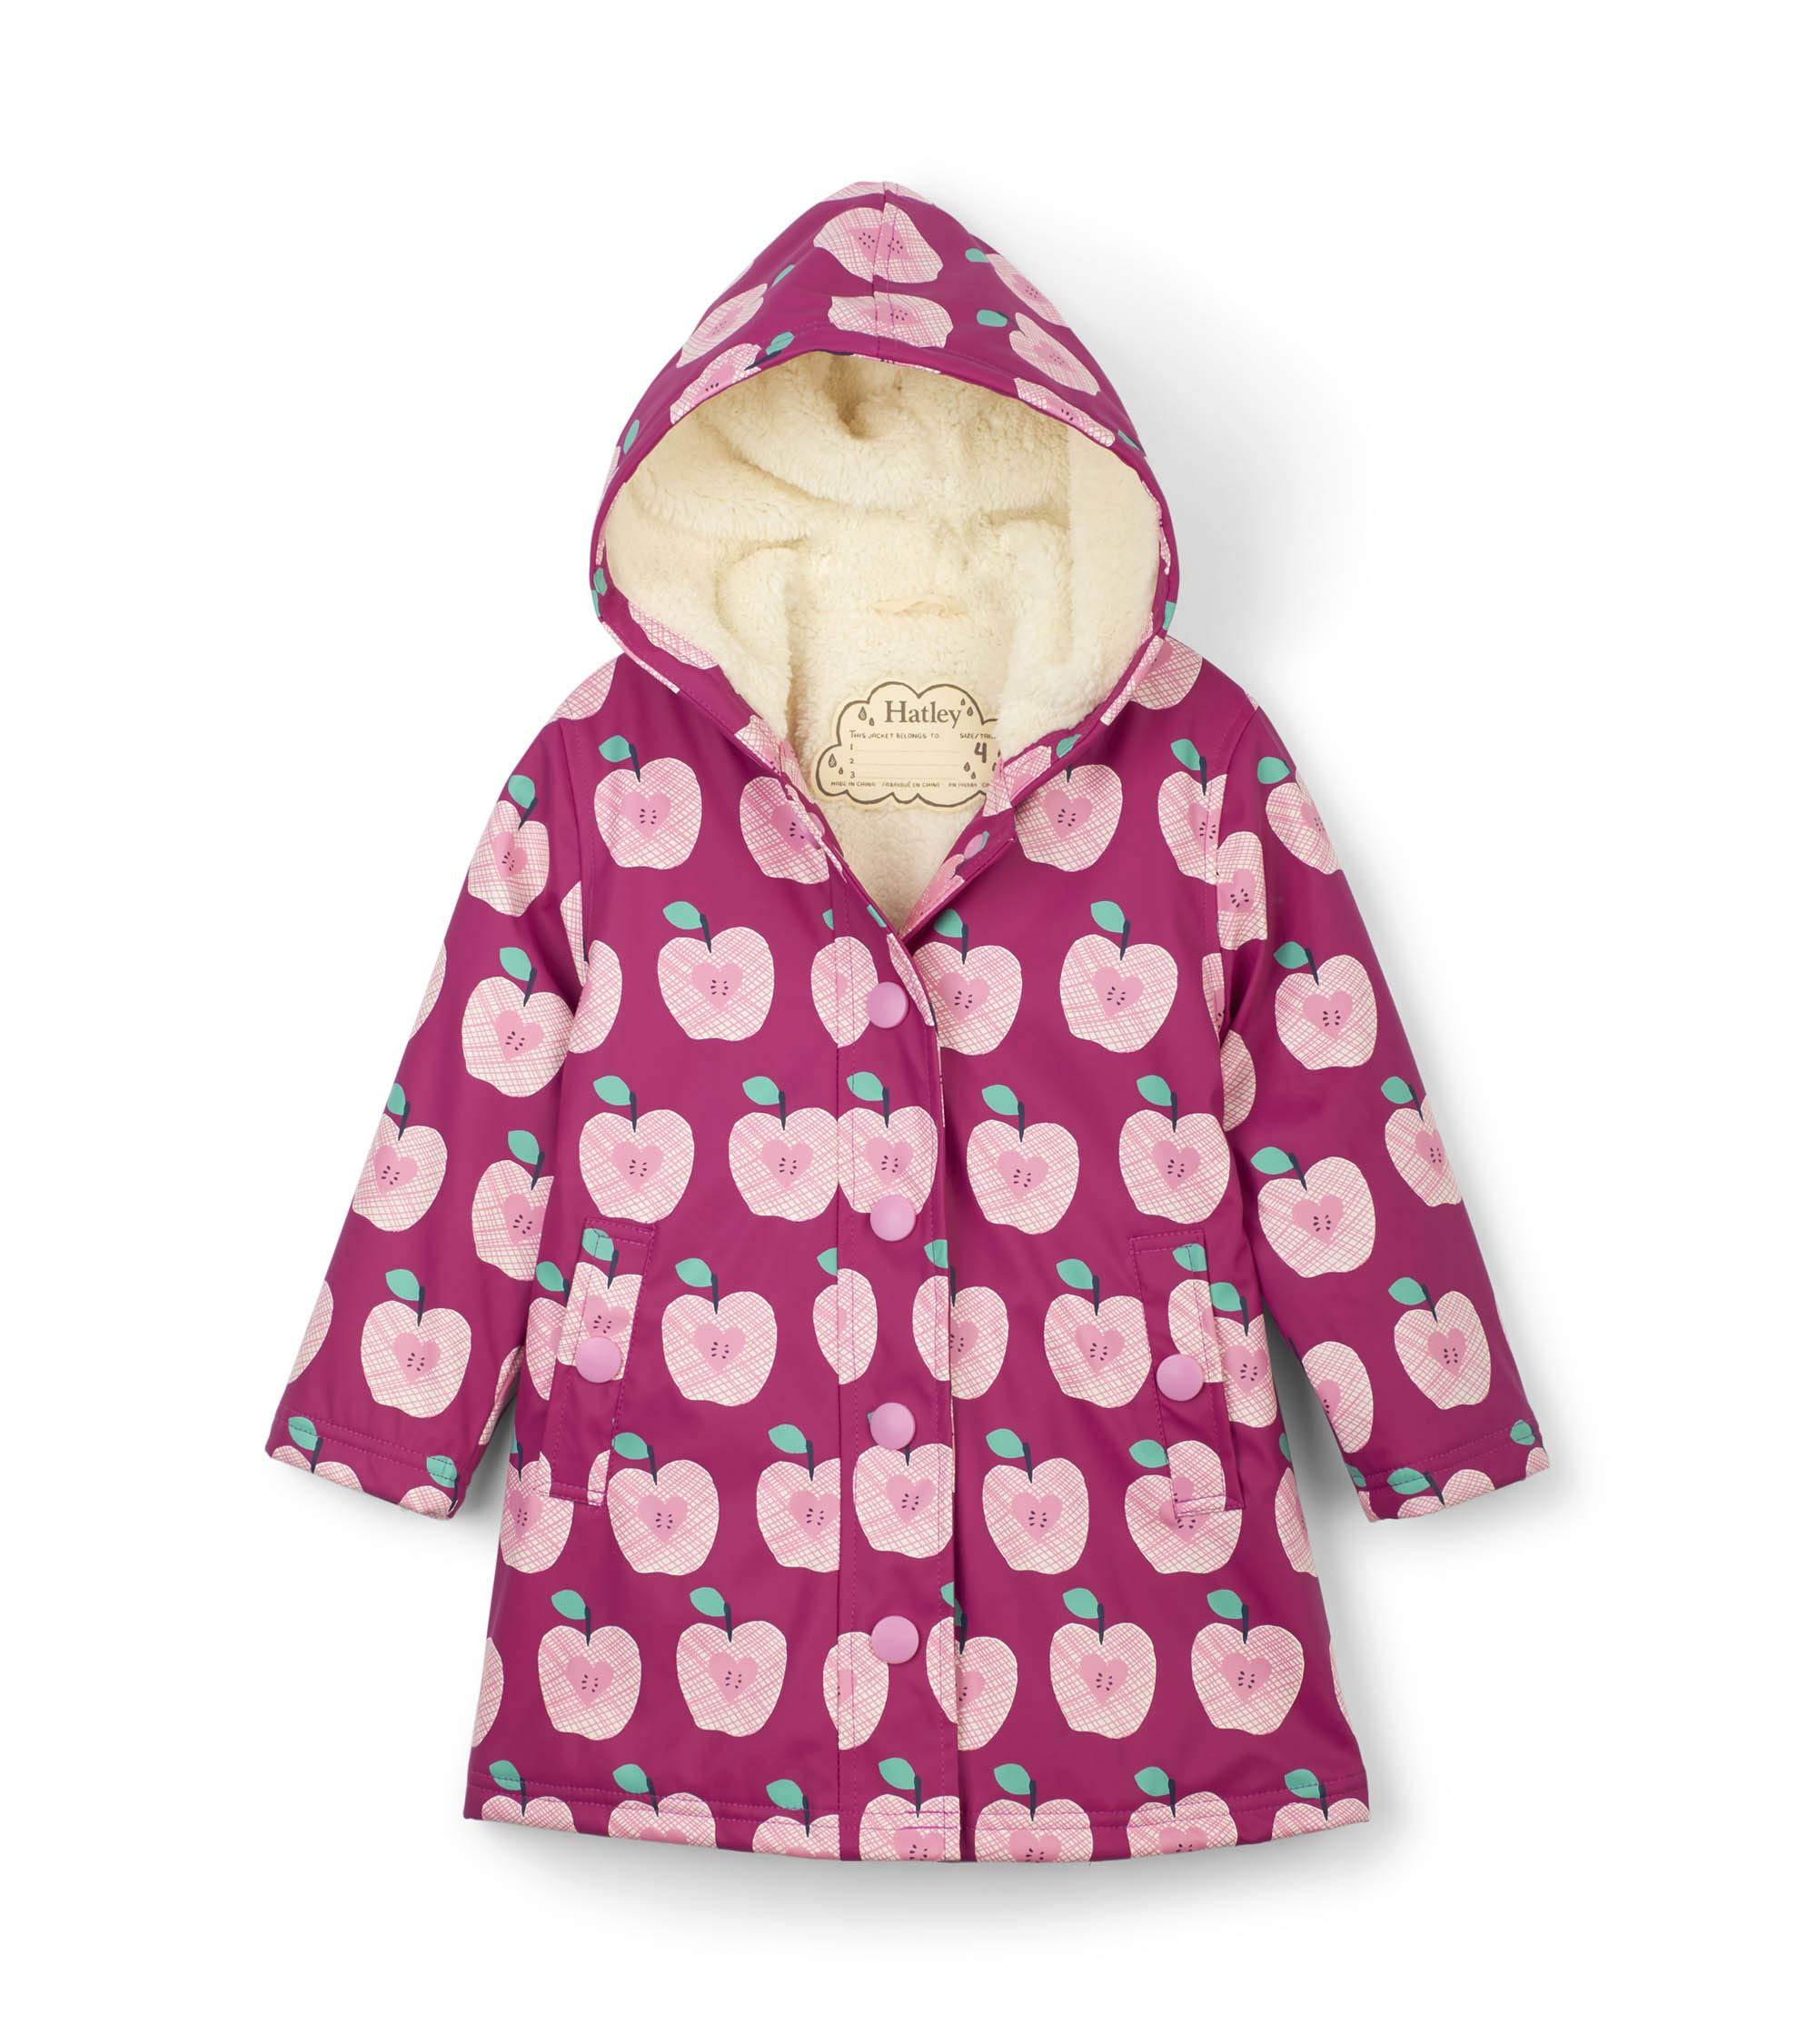 Hatley Girls' Little Sherpa Lined Splash Jacket, Apple Orchard, 3 Years by Hatley